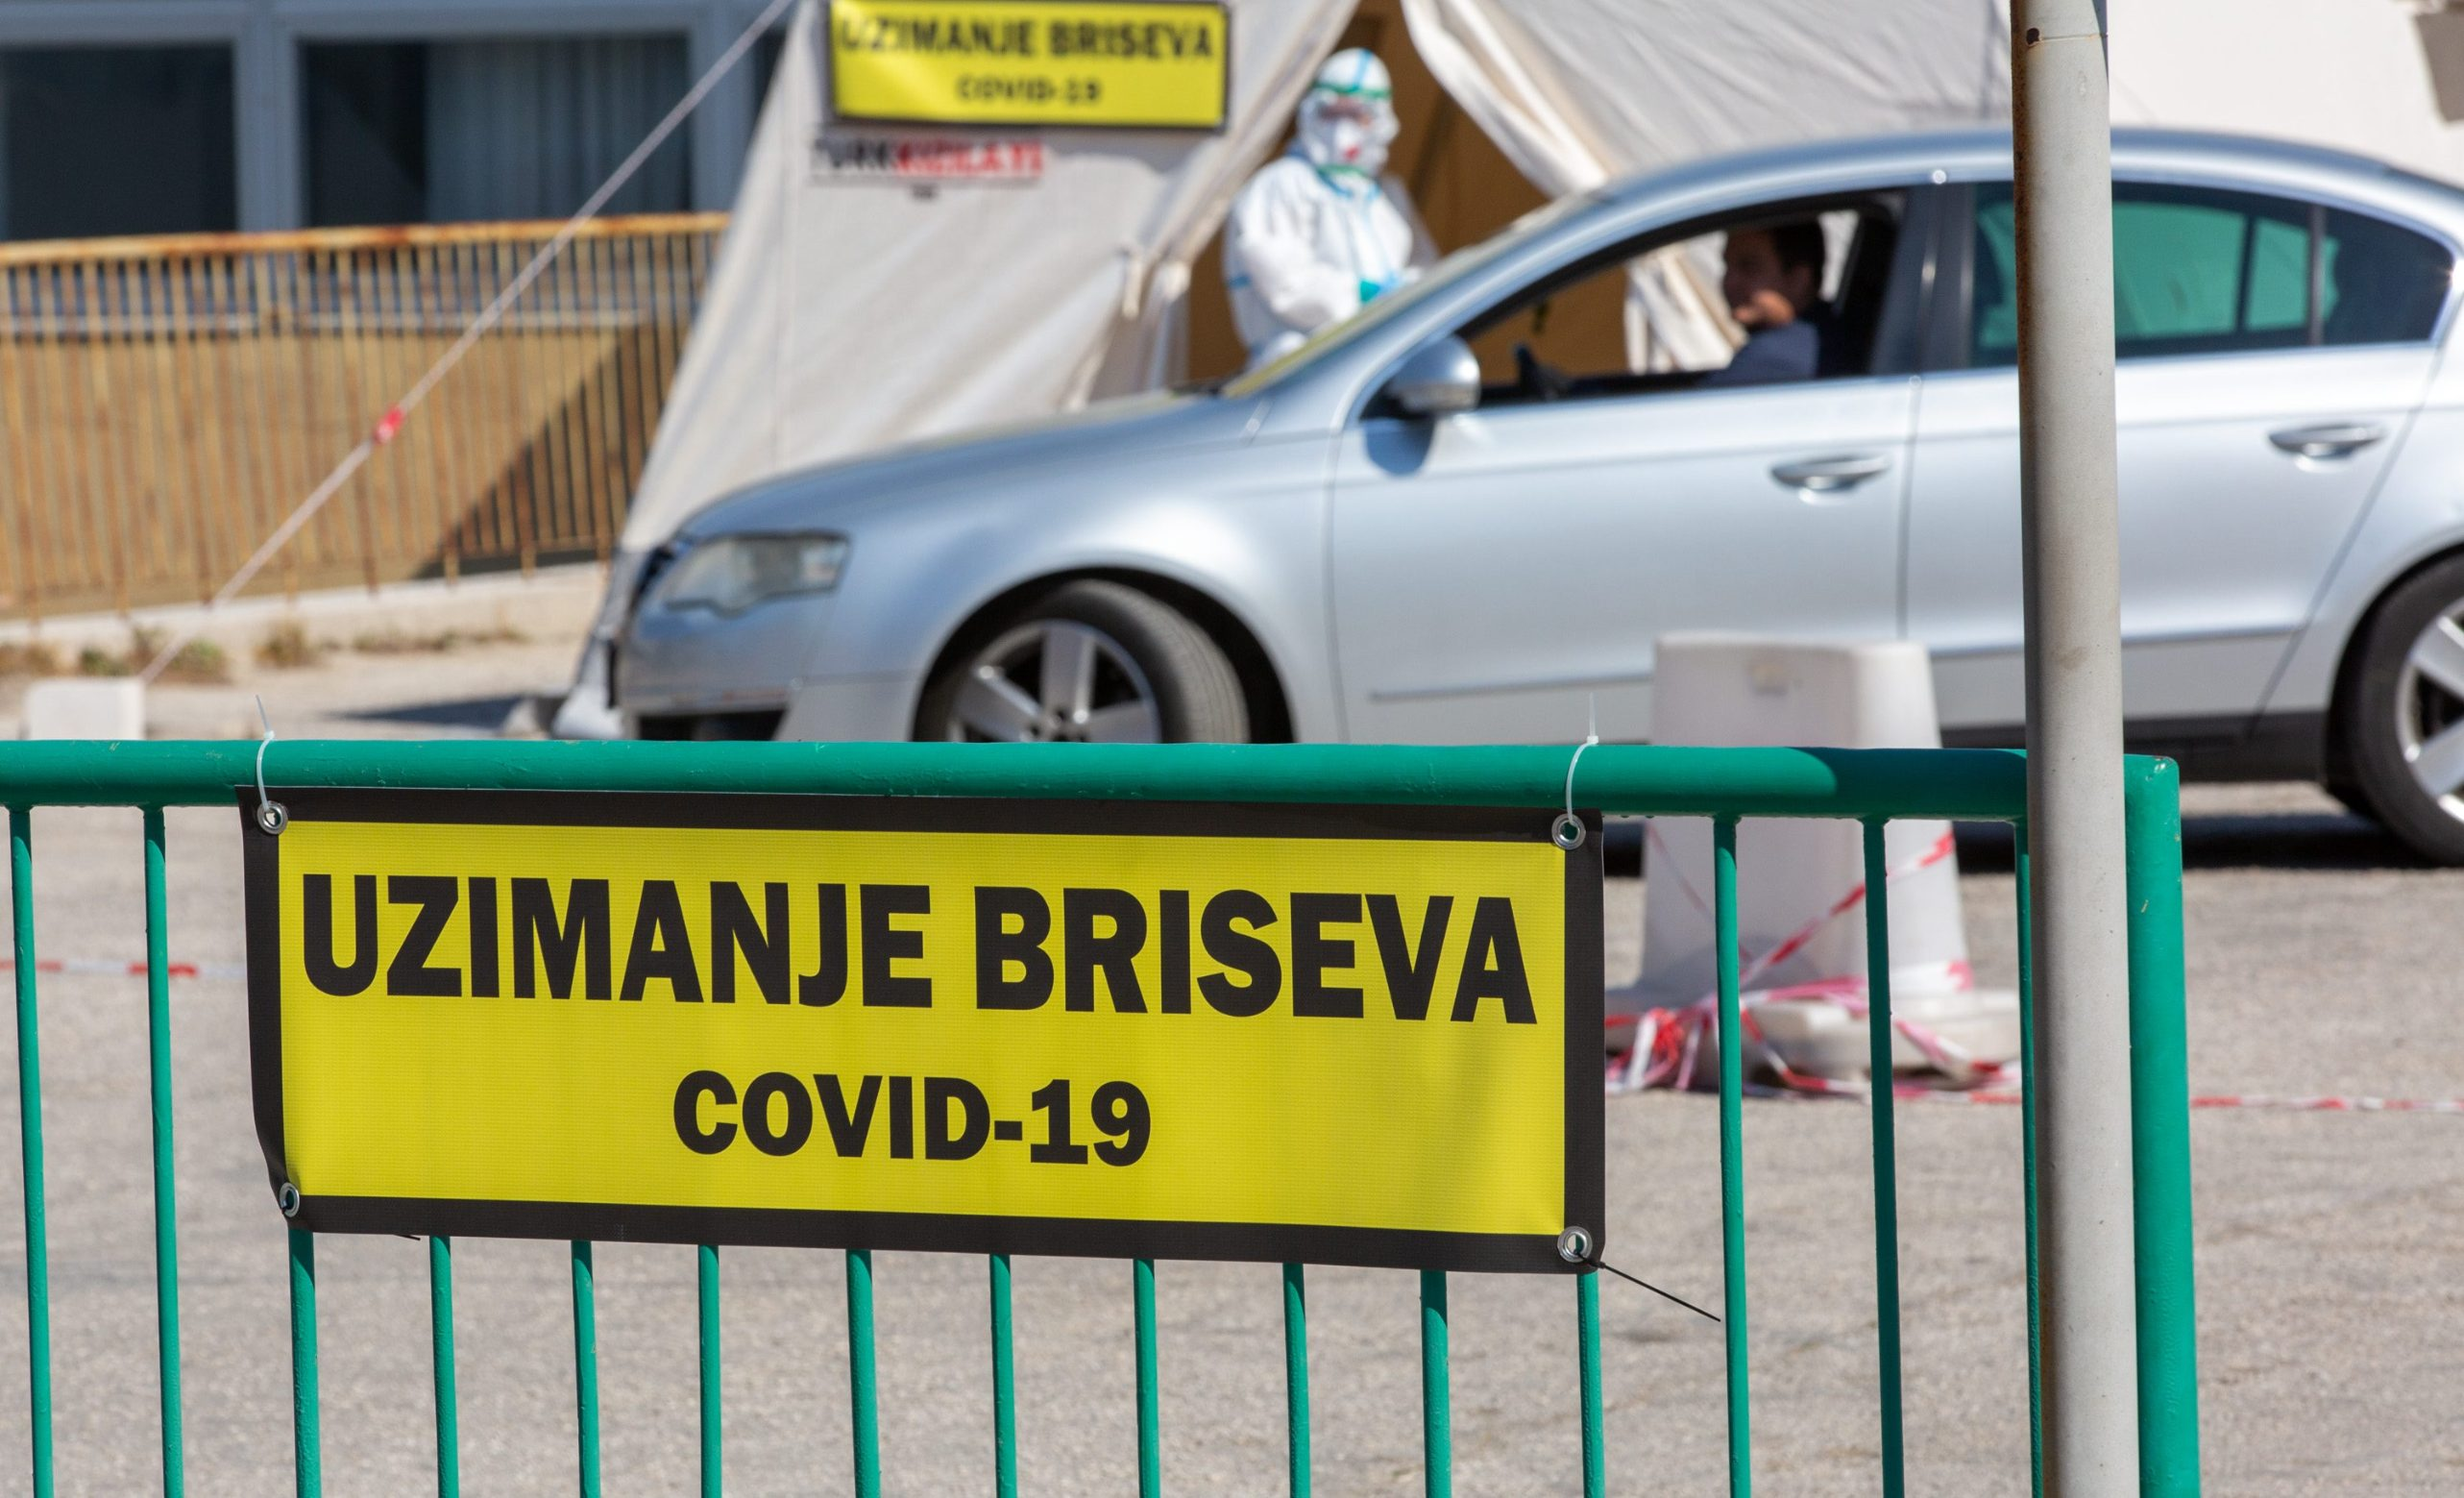 Split: Uzimanje briseva na koronavirus iz automobila organizirano je na istočnom ulazu bolnice Križine